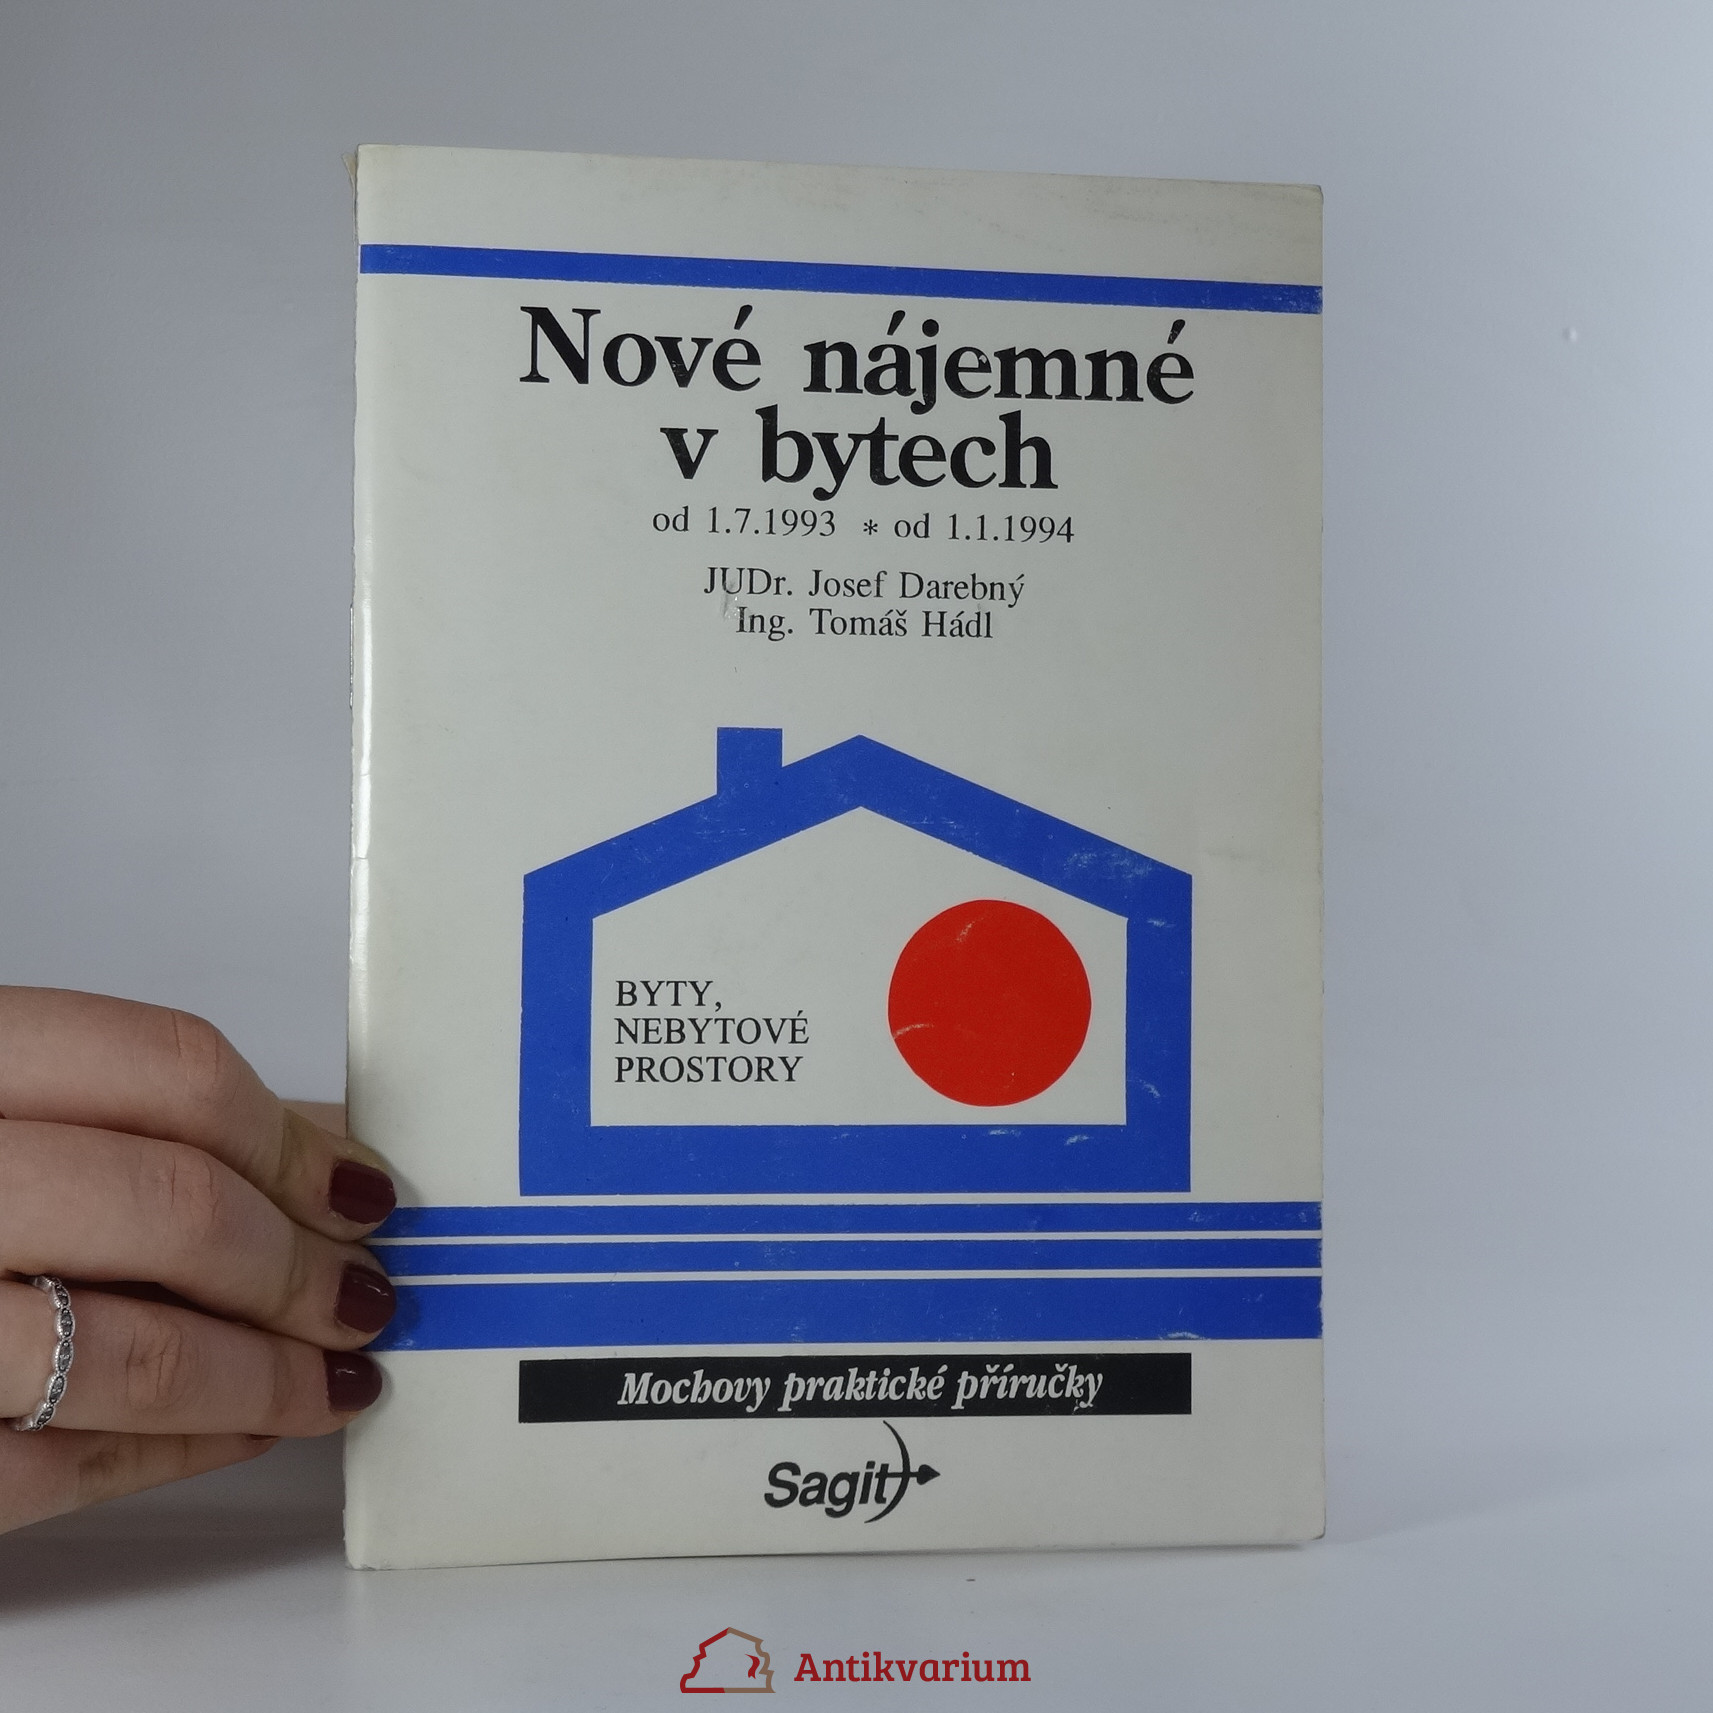 antikvární kniha Nové nájemné v bytech, 1993